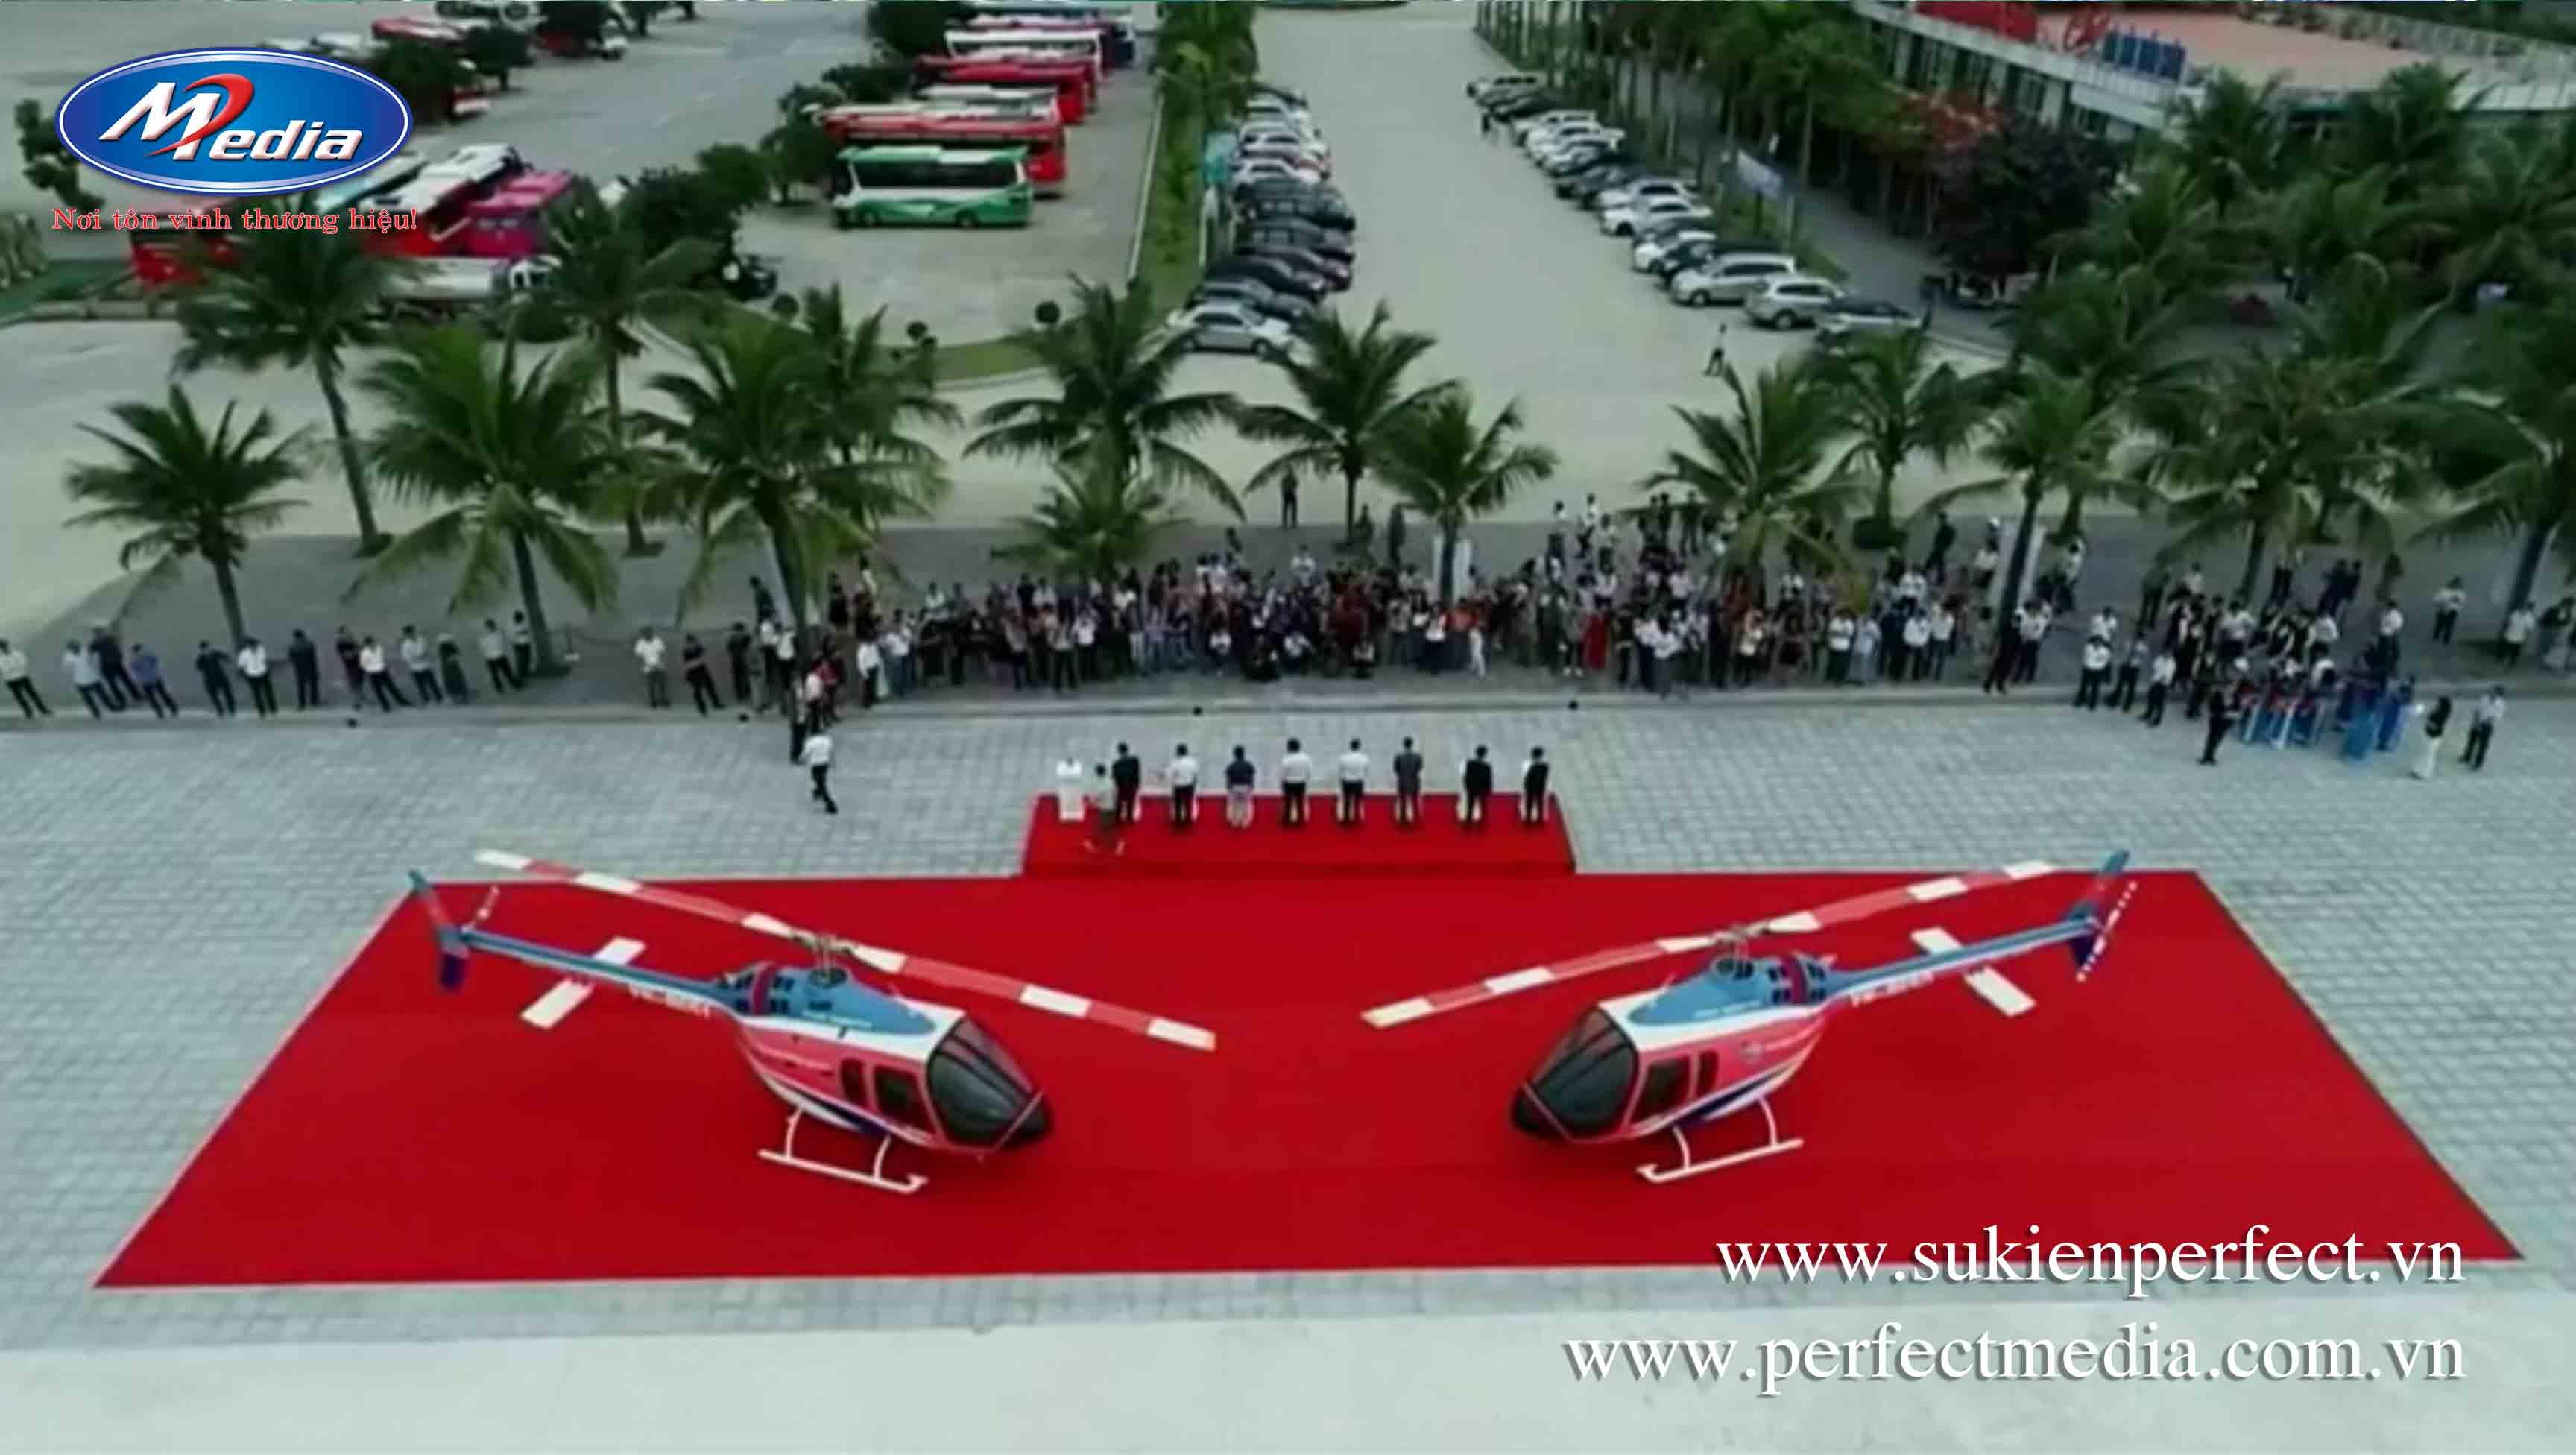 công ty tổ chức sự kiện Hạ Long Quảng Ninh Perfect Media 5